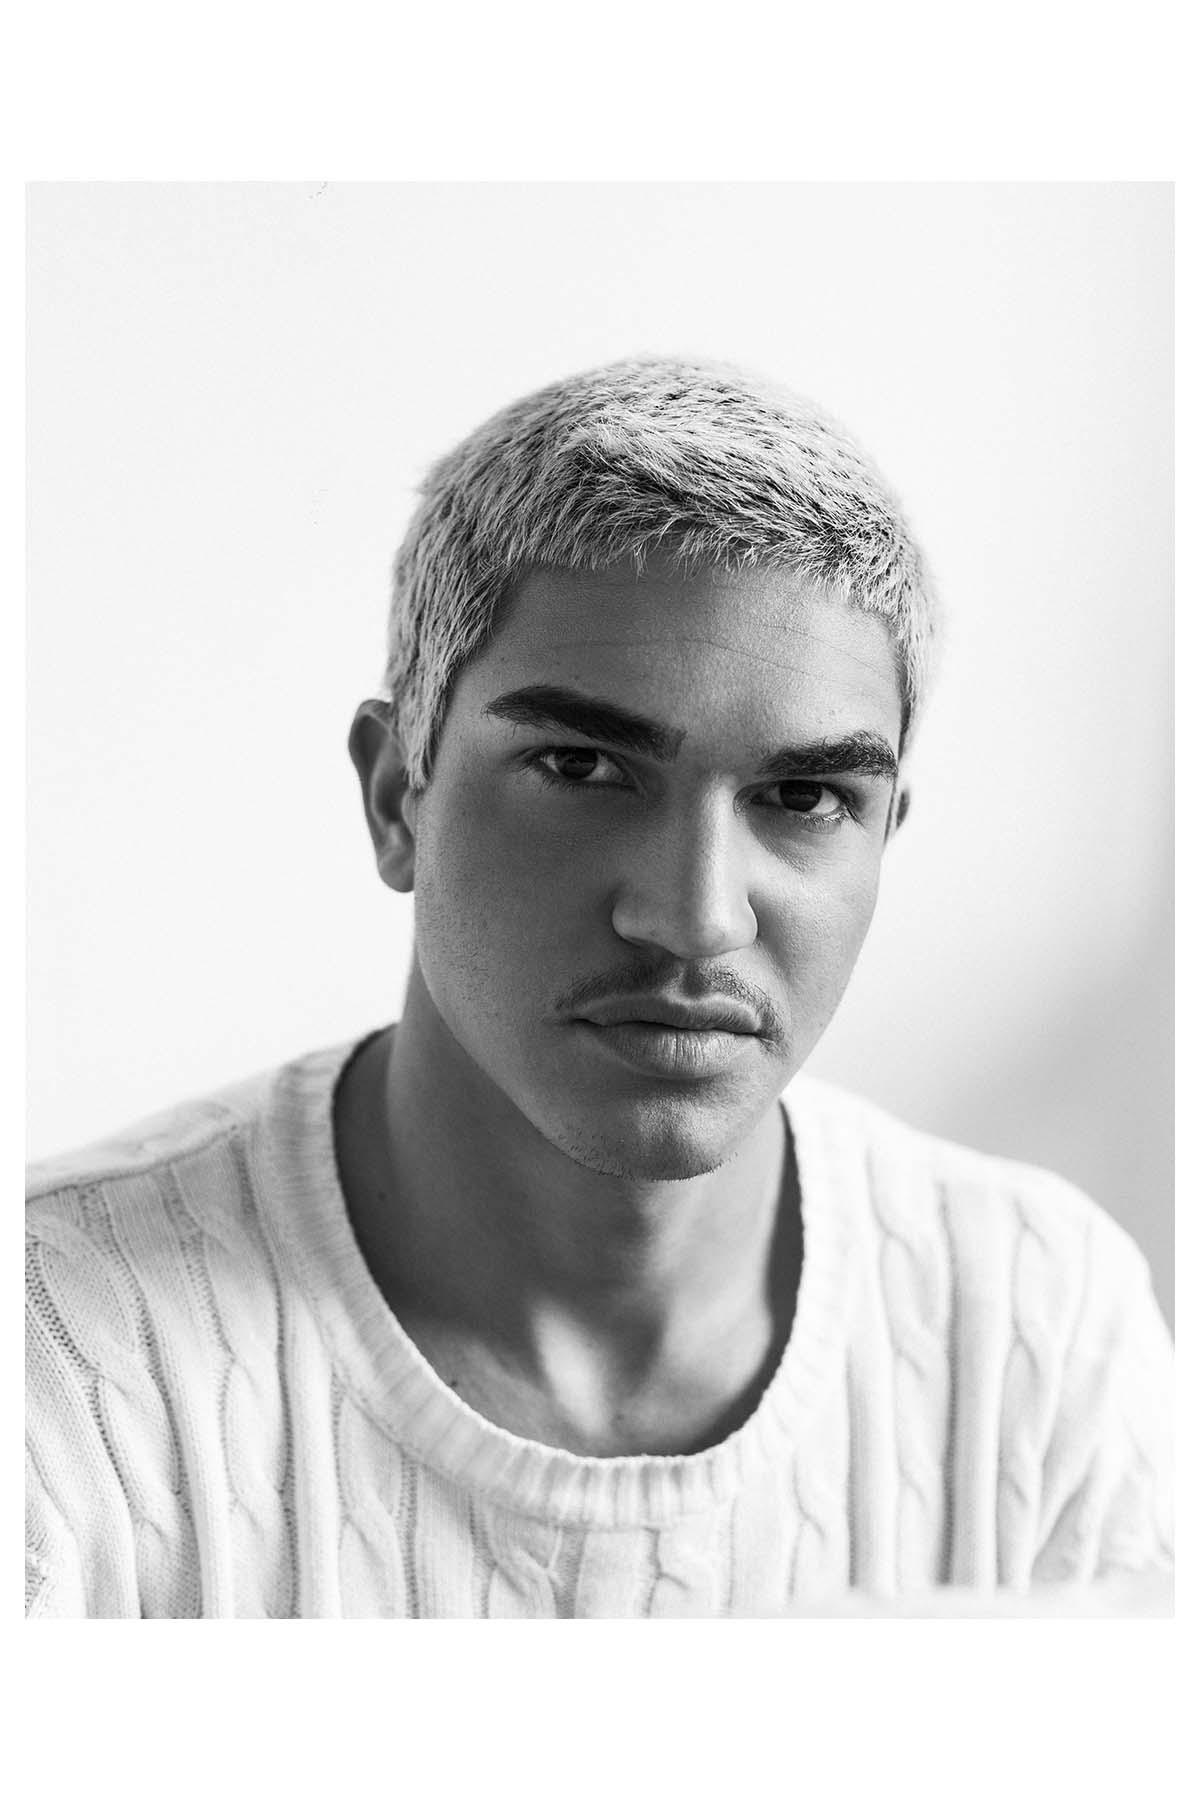 Rafael Castro by Arthur Germano for Brazilian Male Model